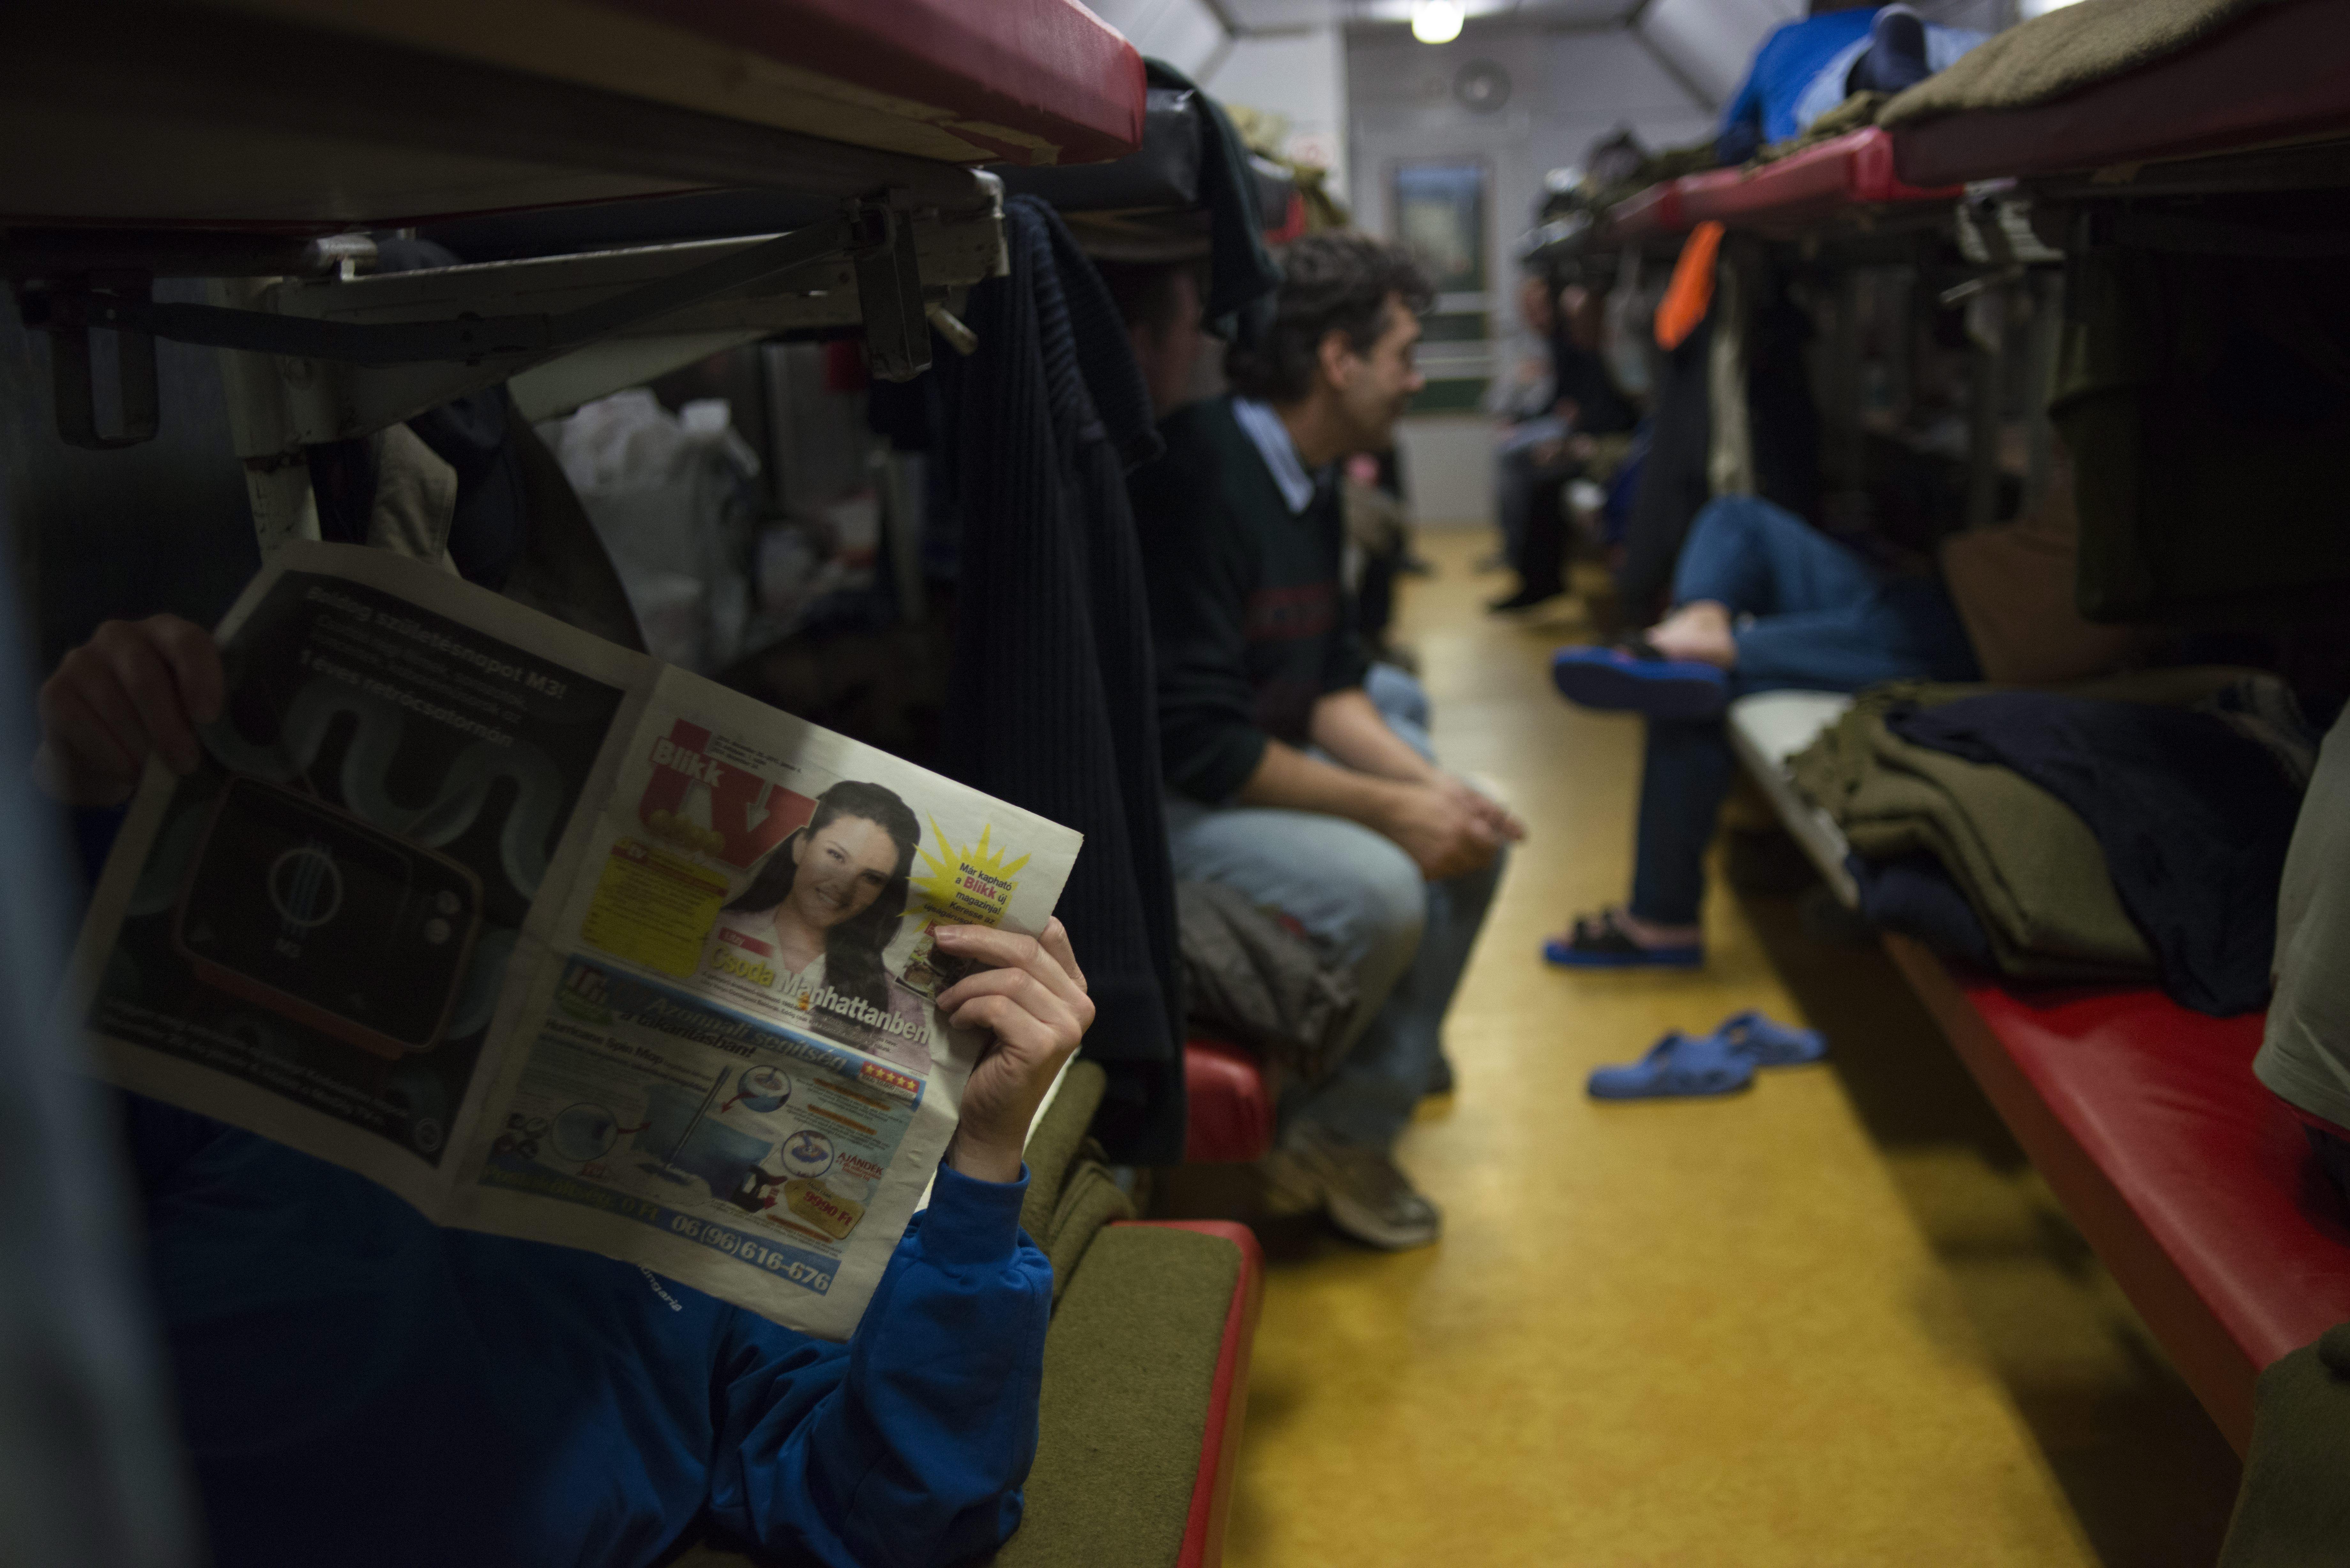 Budapesten üres lakásokkal és kollégiumi helyekkel segítik a hajléktalanokat a járvány idején